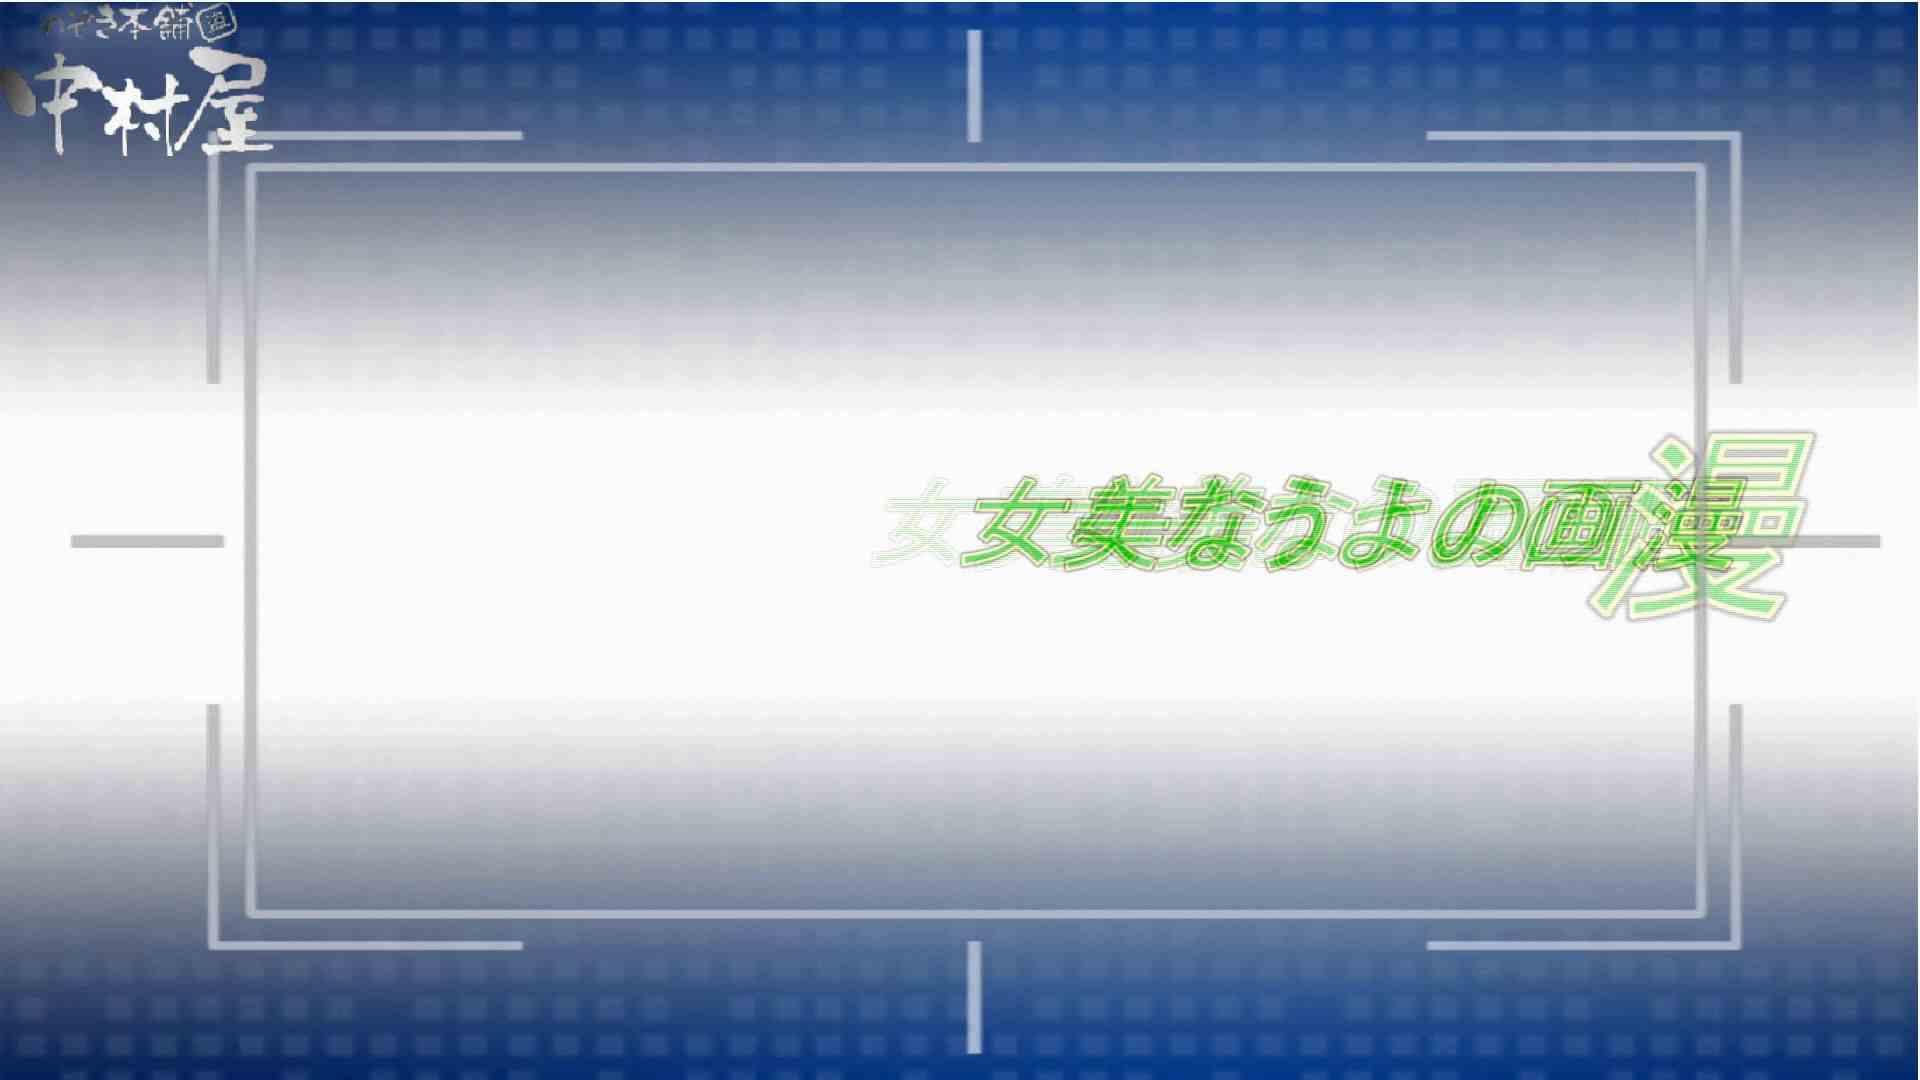 世界の射窓から~ステーション編~vol40 更に画質アップ!! OLエロ画像 | 0  57PICs 11